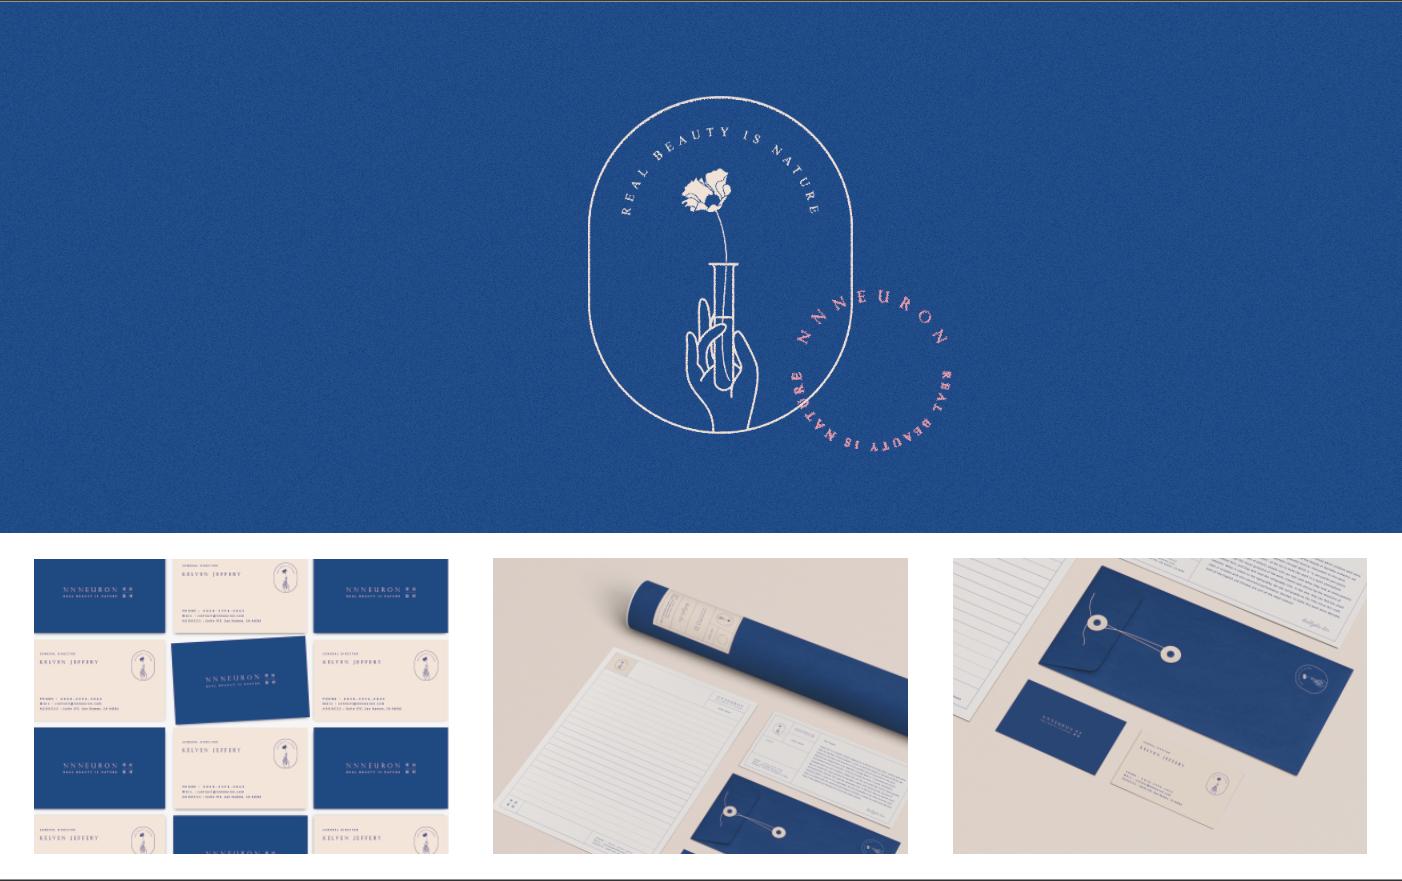 原创创意定制动态LOGO动效动画logo网络科技GIF视频